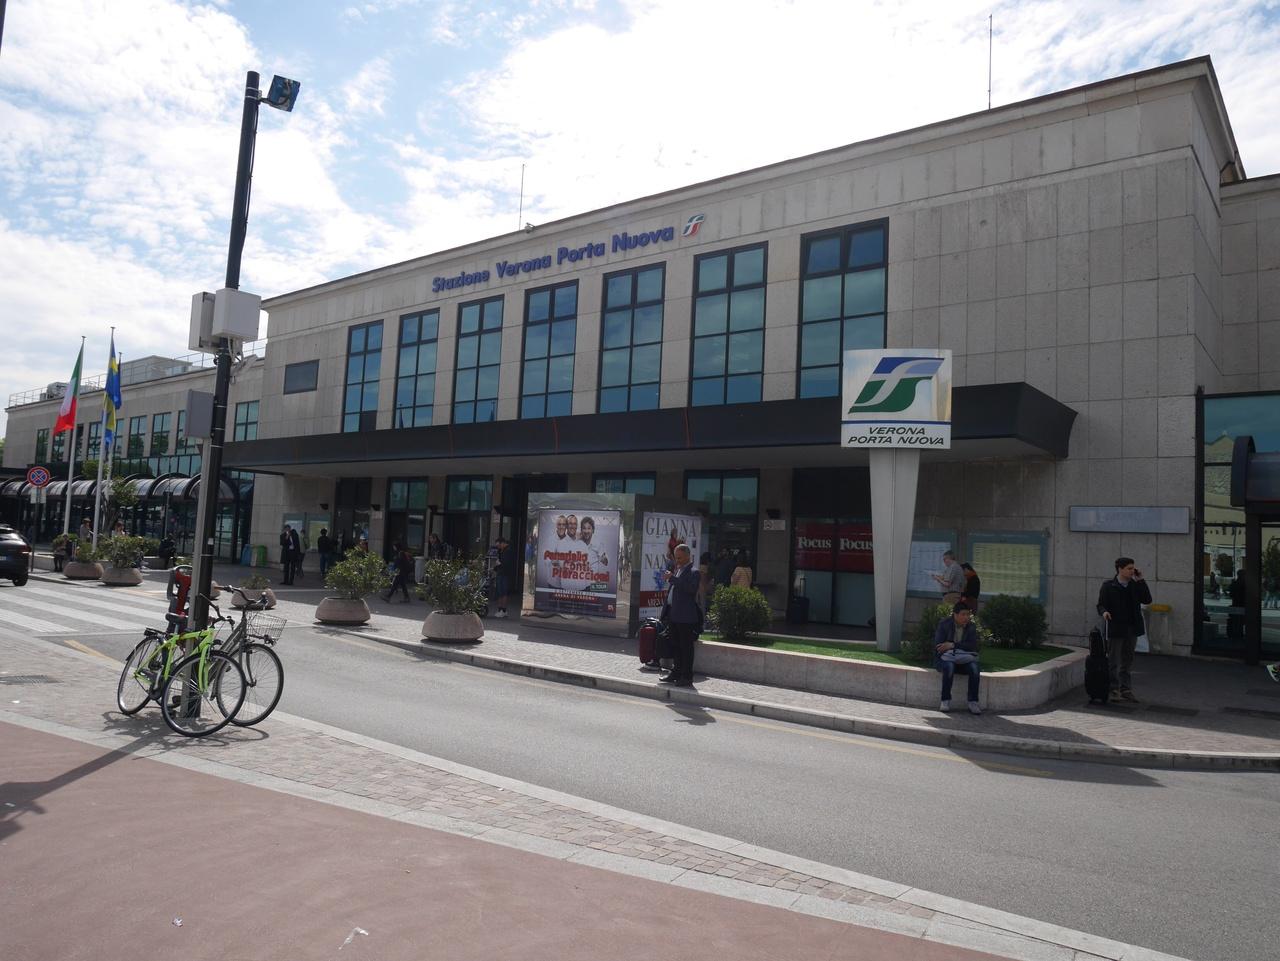 Stazione di verona porta - Stazione verona porta nuova indirizzo ...